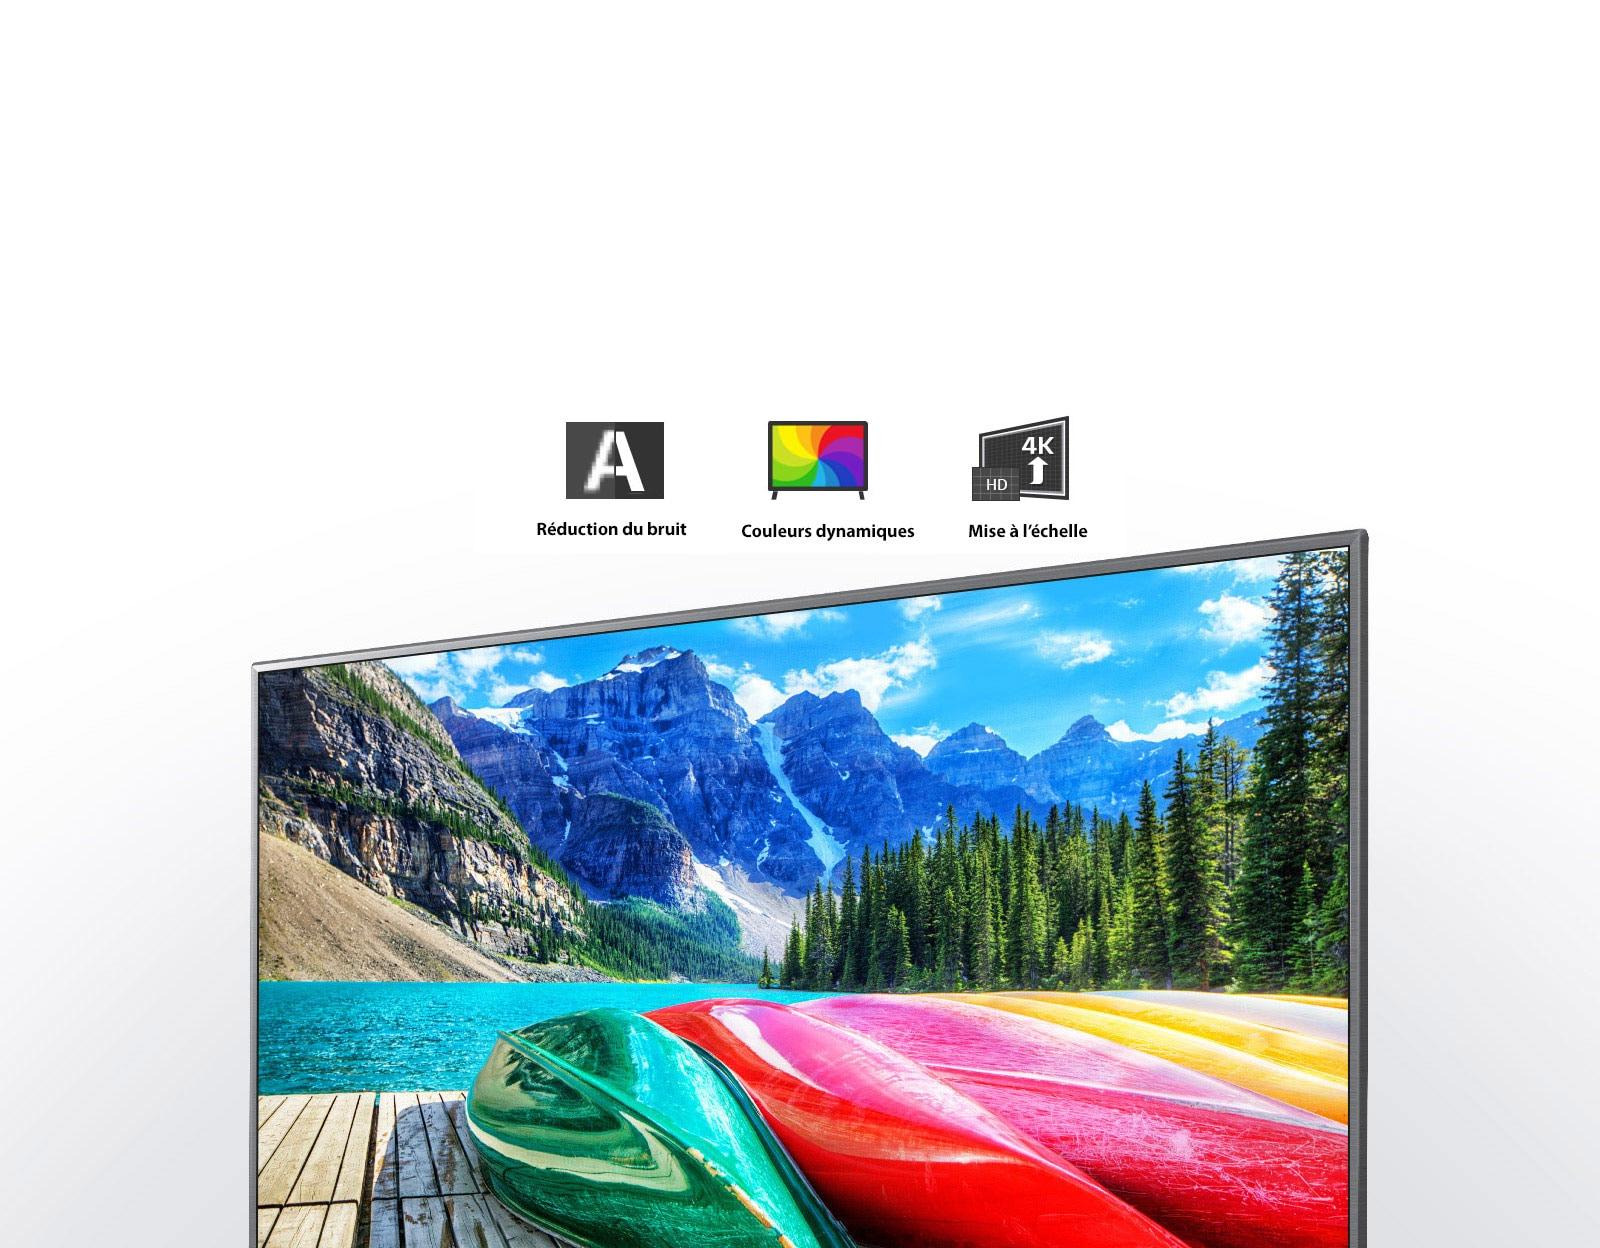 Icônes de réduction du bruit, couleurs dynamiques et optimisation du contenu, et un écran de télévision affichant une vue panoramique des montagnes, de la forêt et d'un lac.